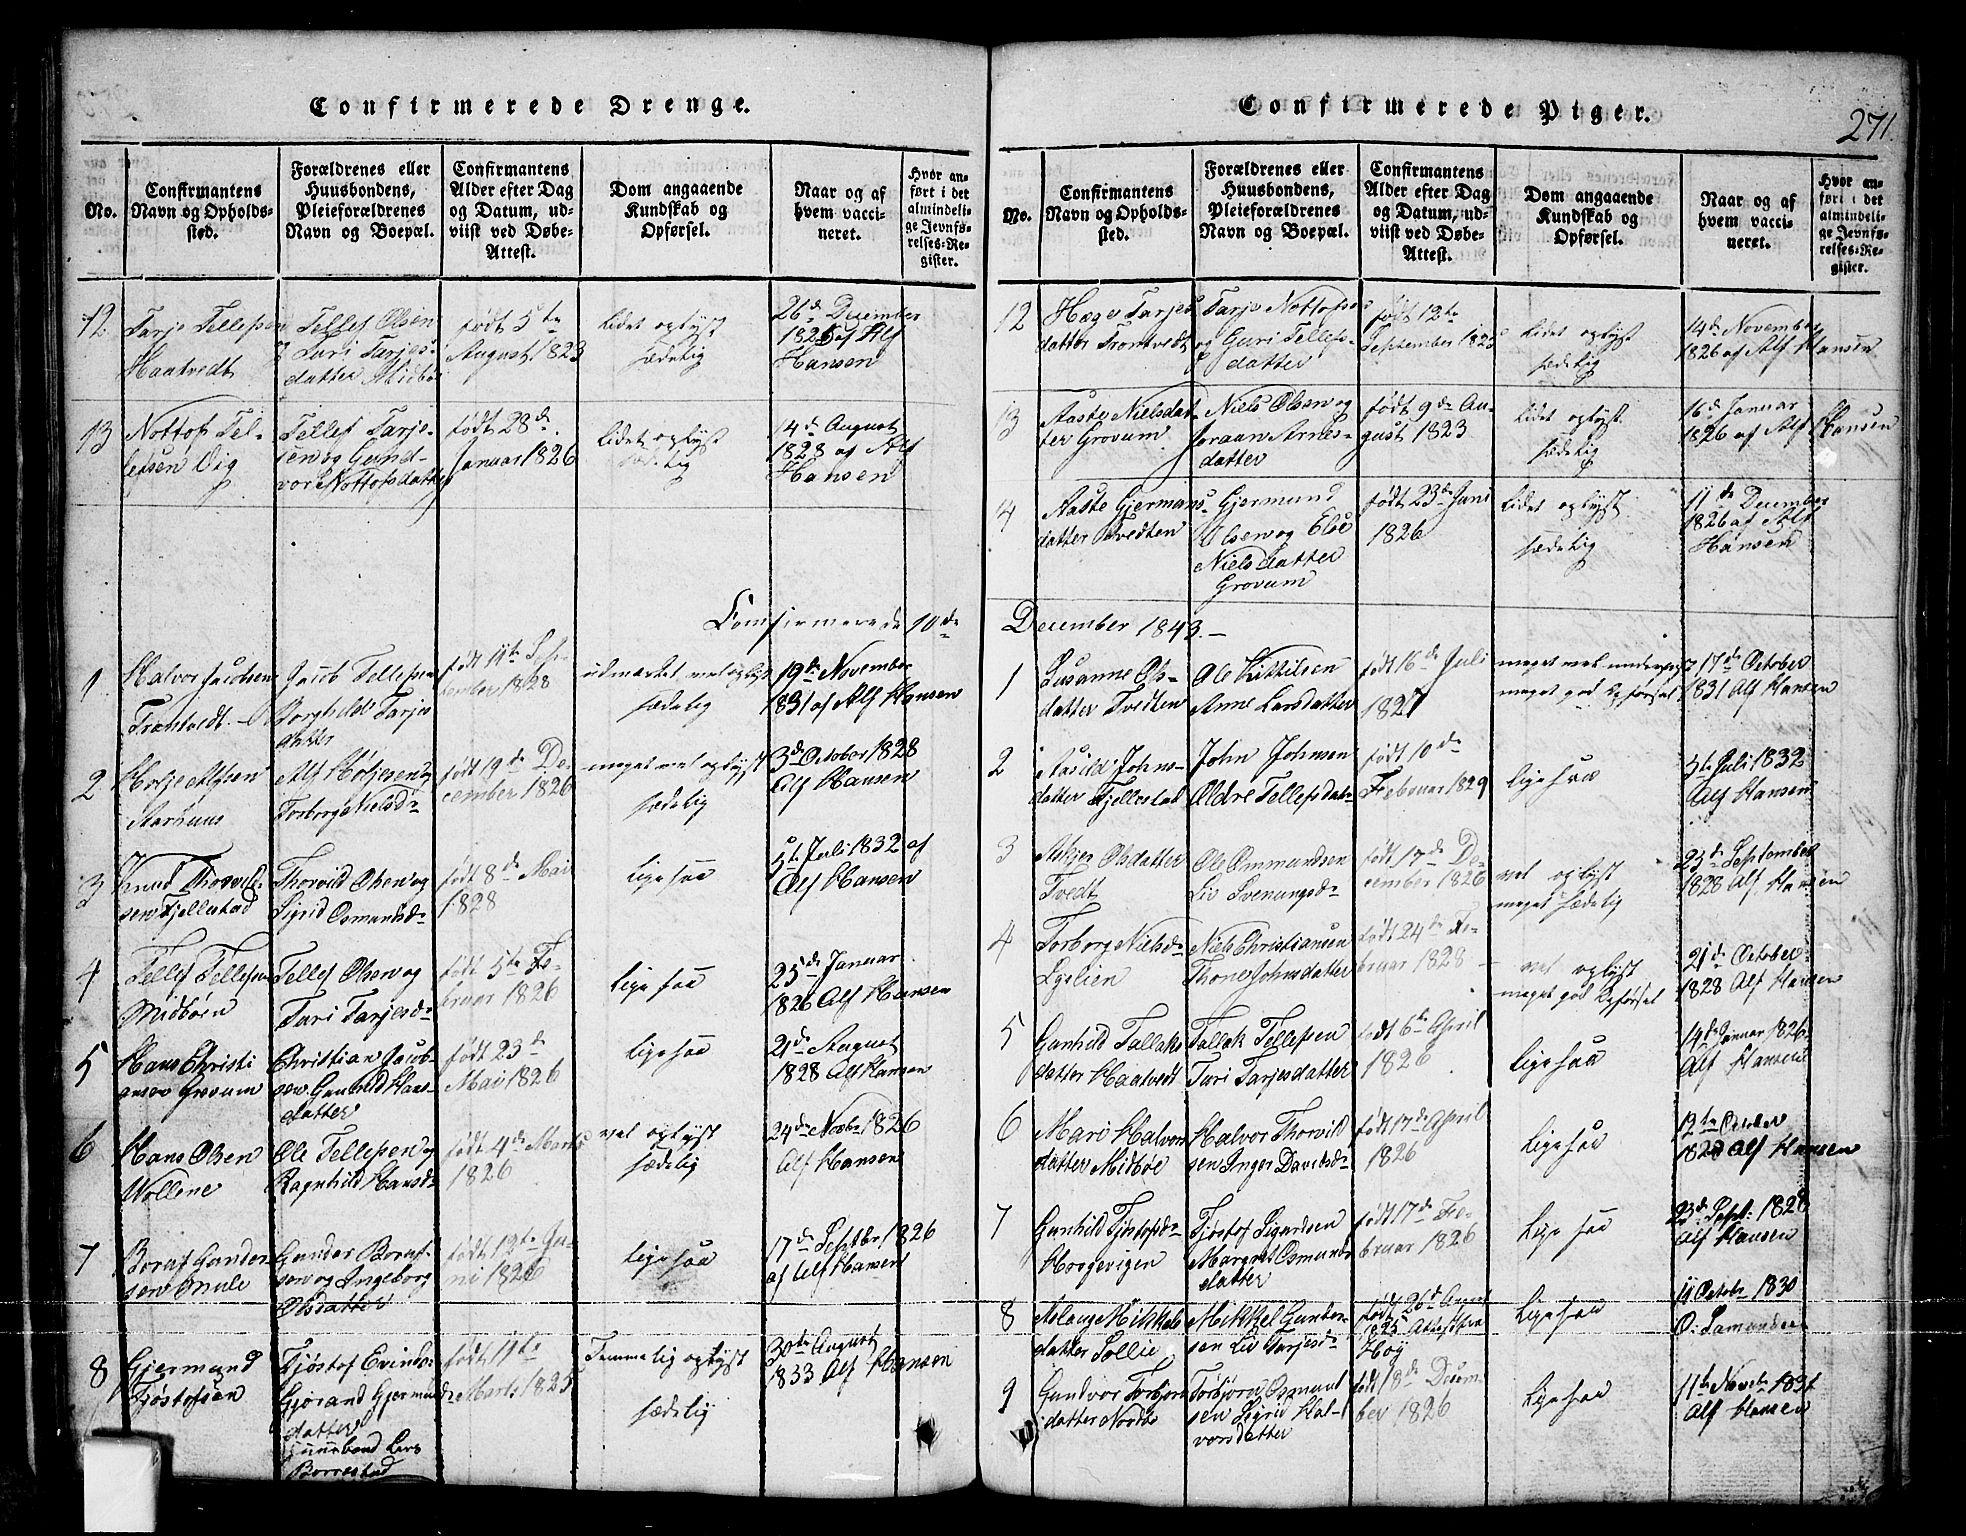 SAKO, Nissedal kirkebøker, G/Ga/L0001: Klokkerbok nr. I 1, 1814-1860, s. 271